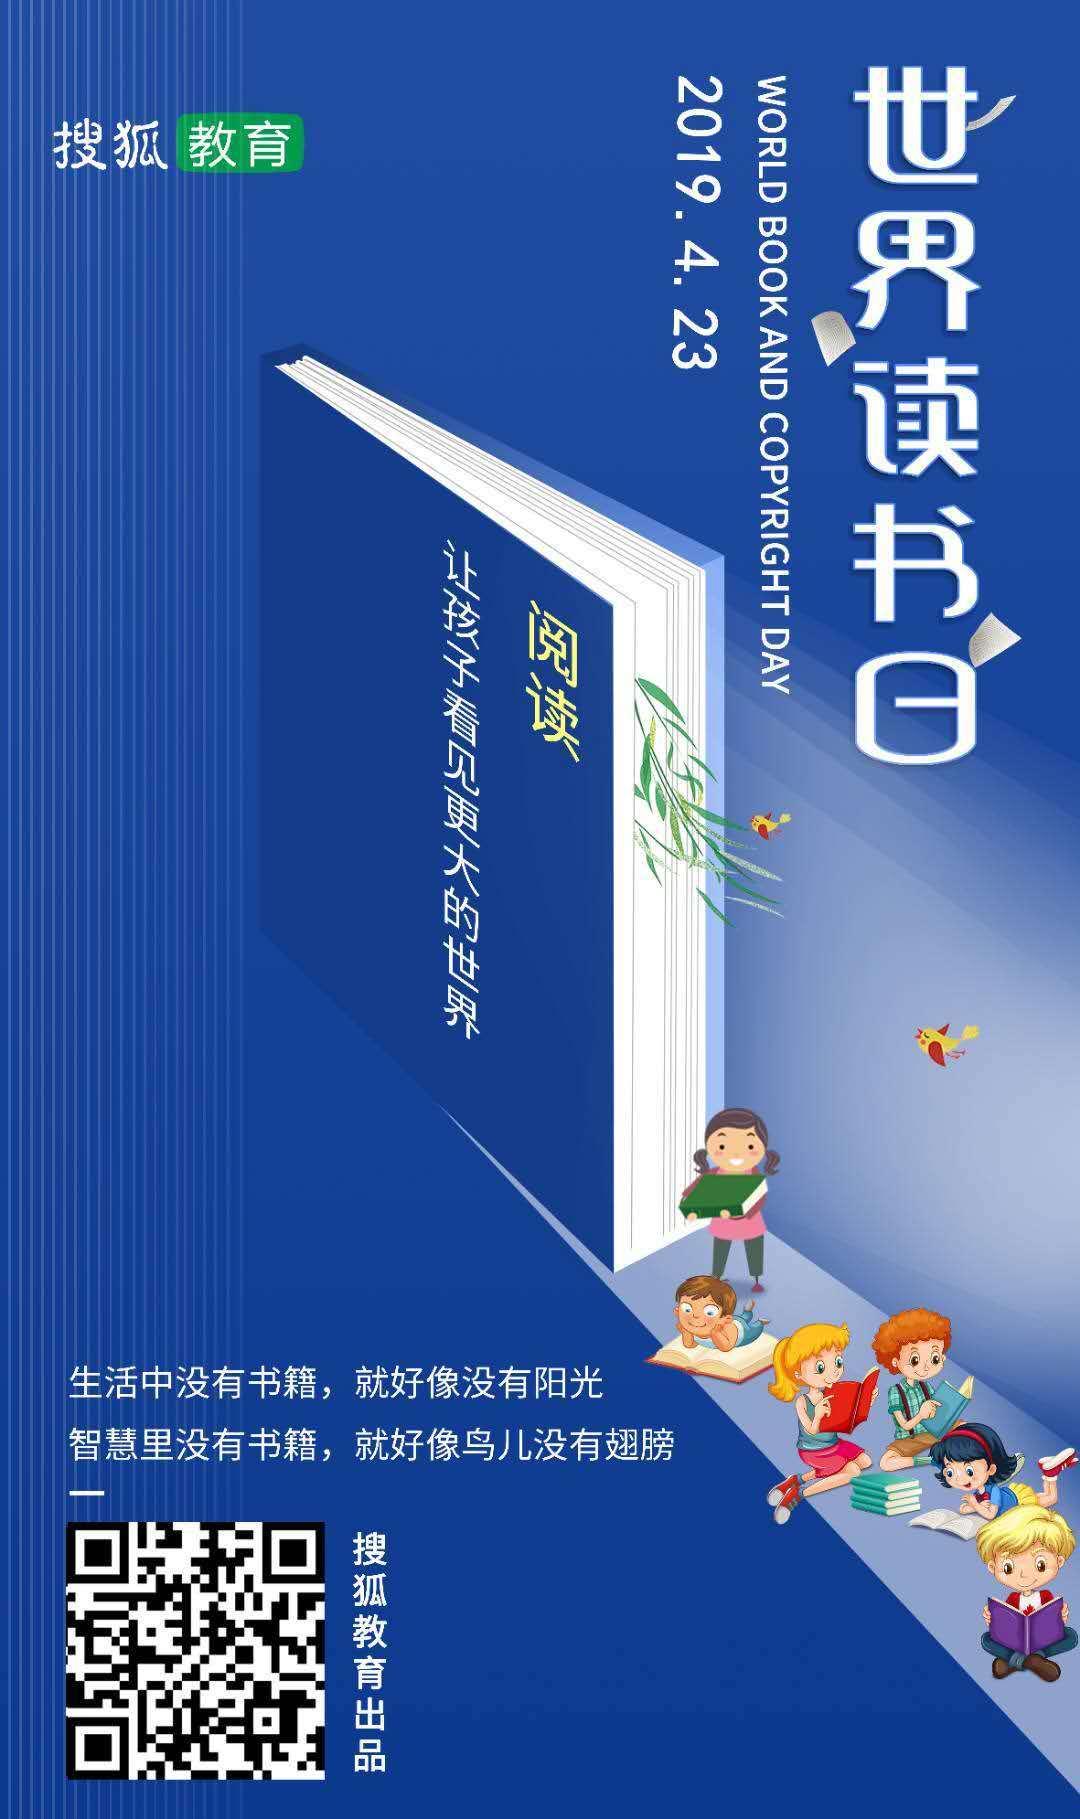 """""""悦读""""中国:中国人均数字阅读量12.4本"""